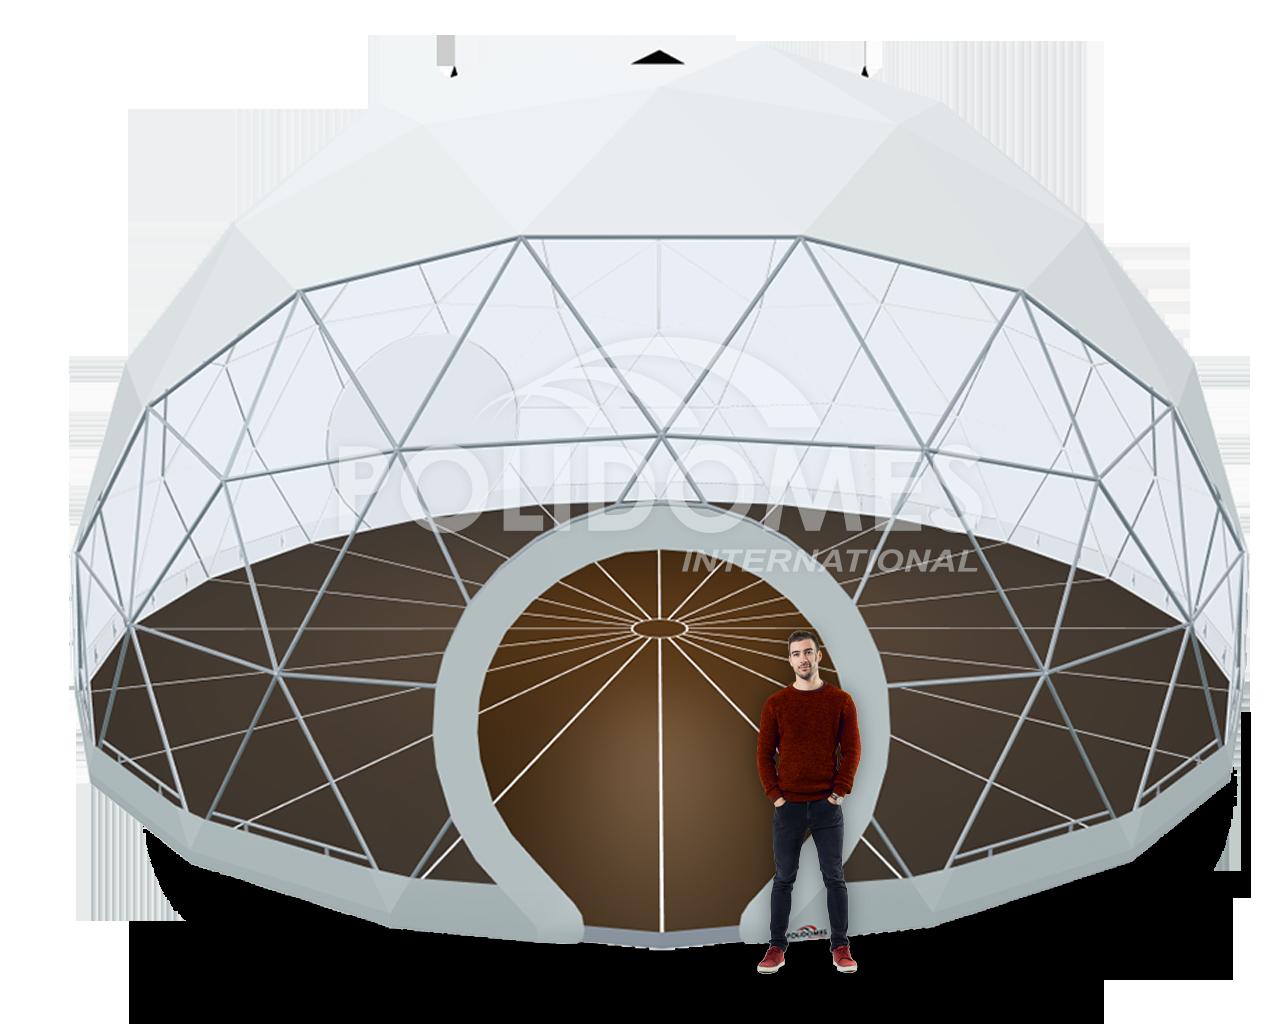 mobile exhibition sphere pavilion